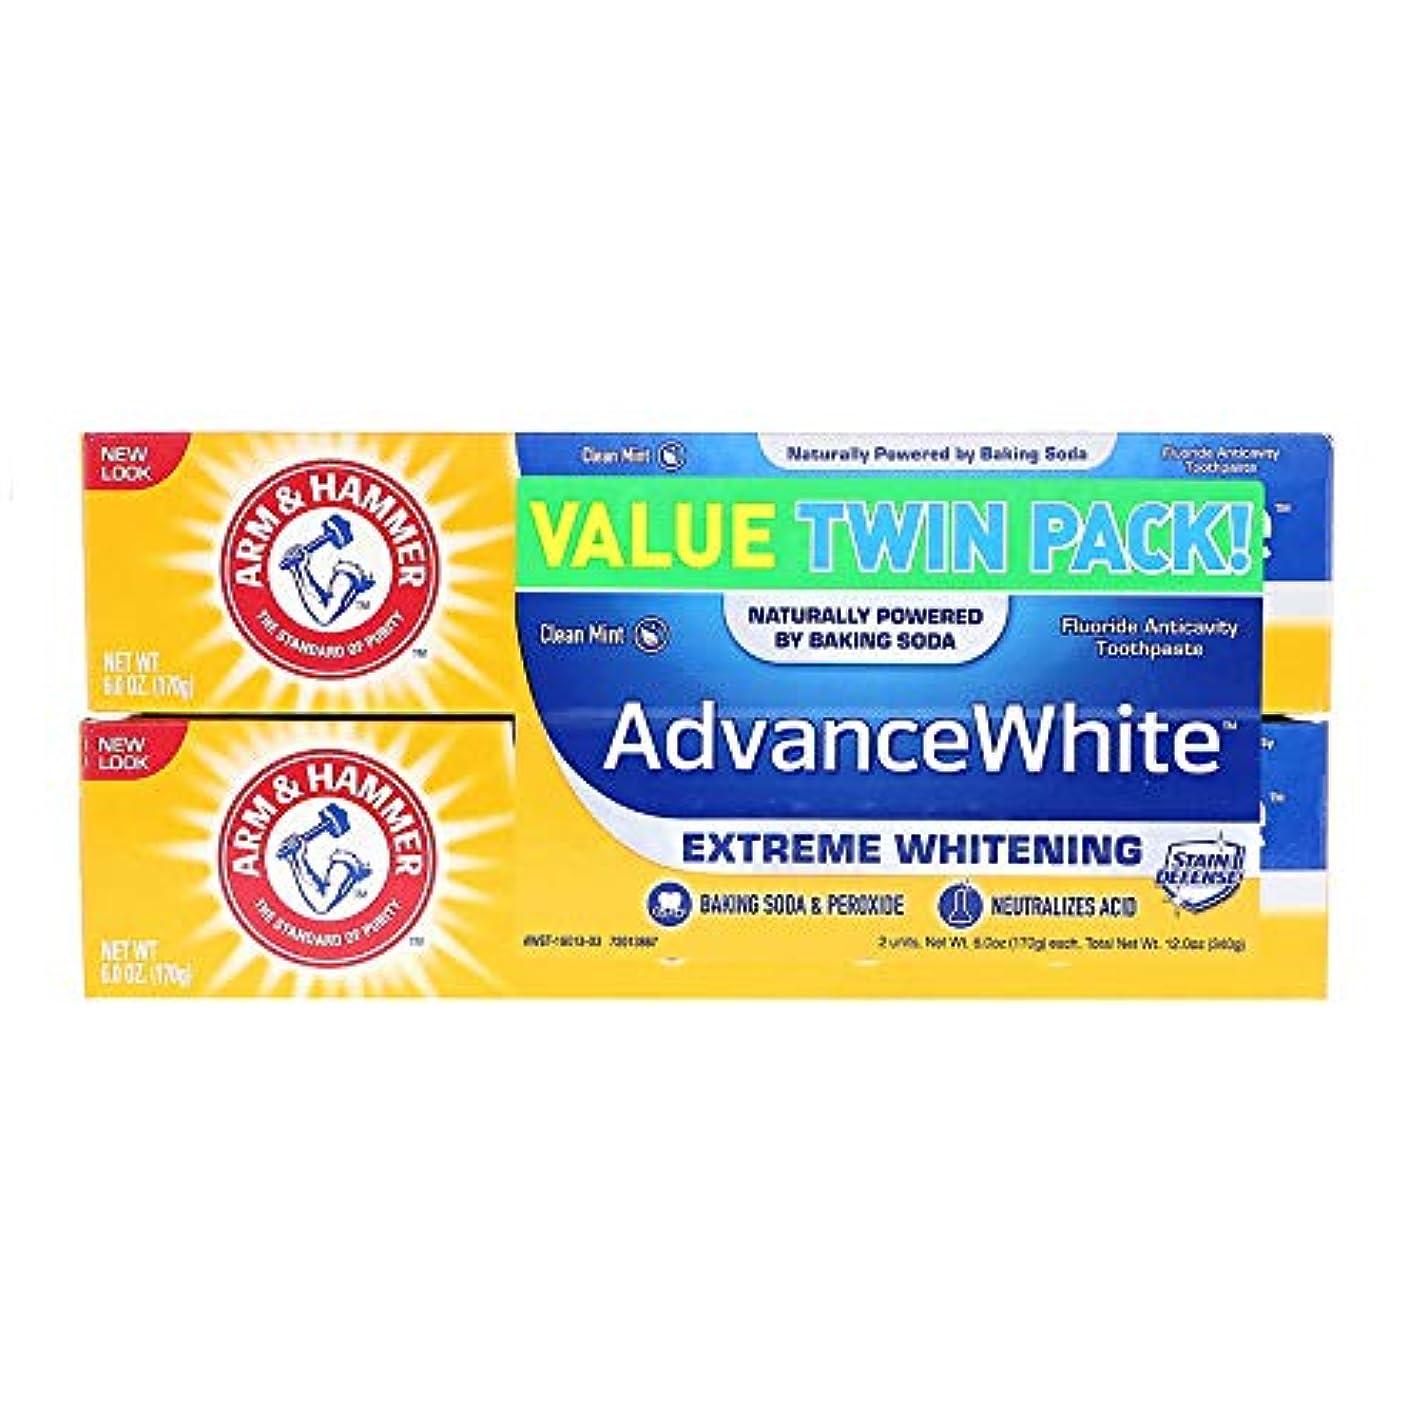 早めるピッチャー細断Arm & Hammer アーム&ハマー アドバンス ホワイト 歯磨き粉 8個パック Toothpaste with Baking Soda & Peroxide